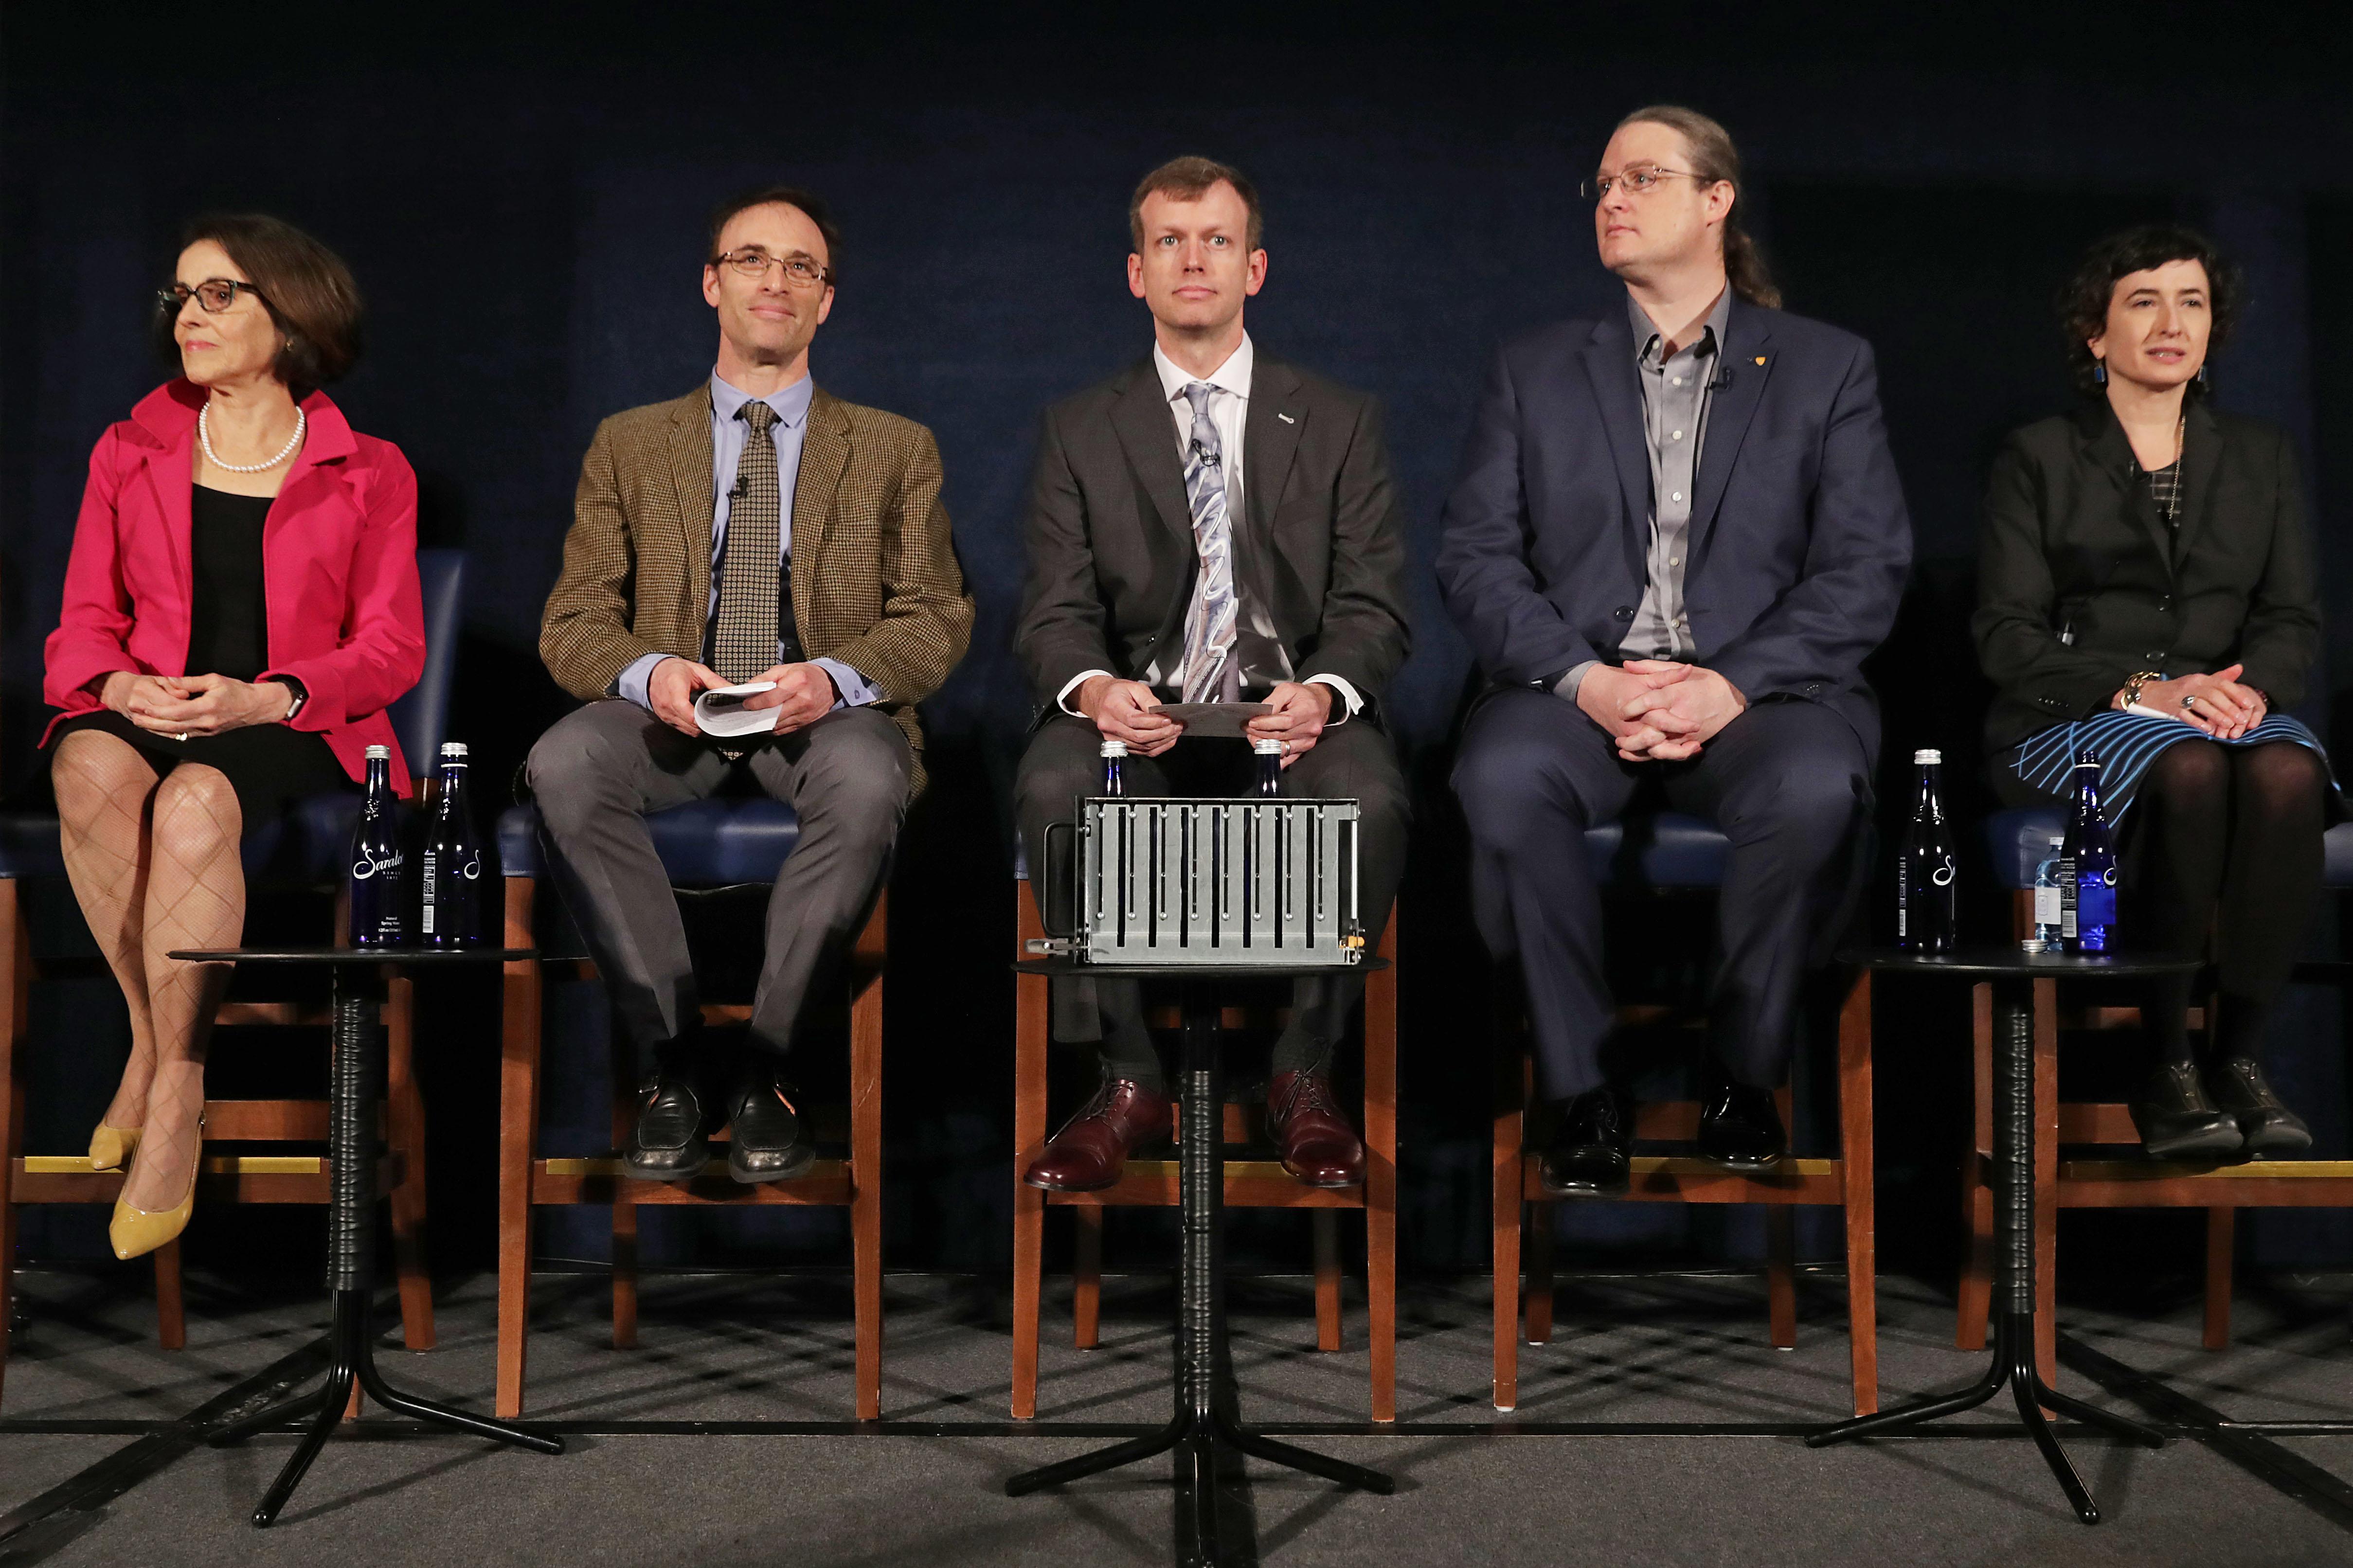 France Cordova, Sheperd Doeleman, Dan Marrone, Avery Broderick, durante la conferencia de prensa sobre el agujero negro.